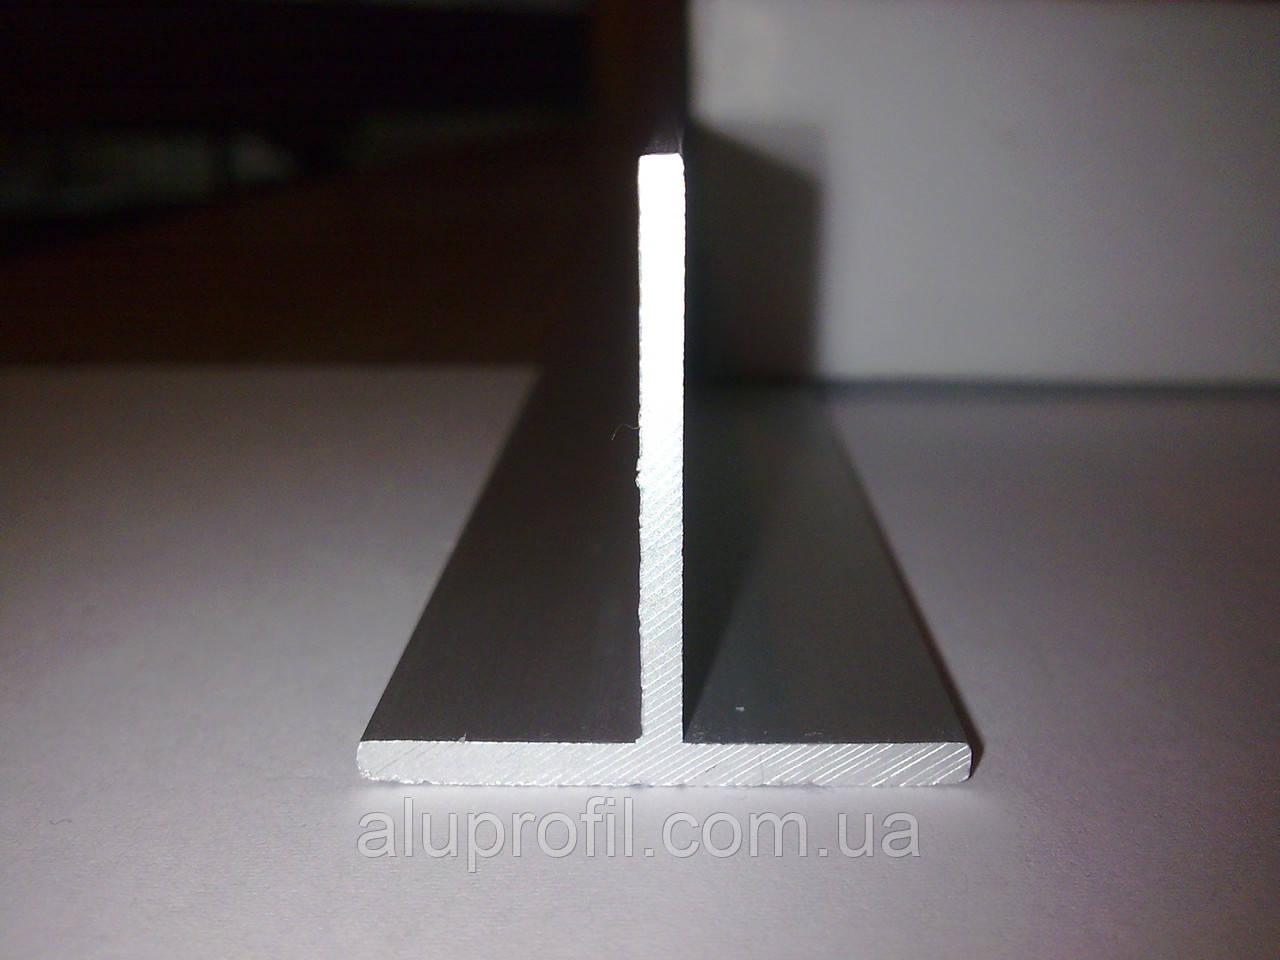 Алюминиевый профиль — тавр алюминиевый 30х30х2, фото 1